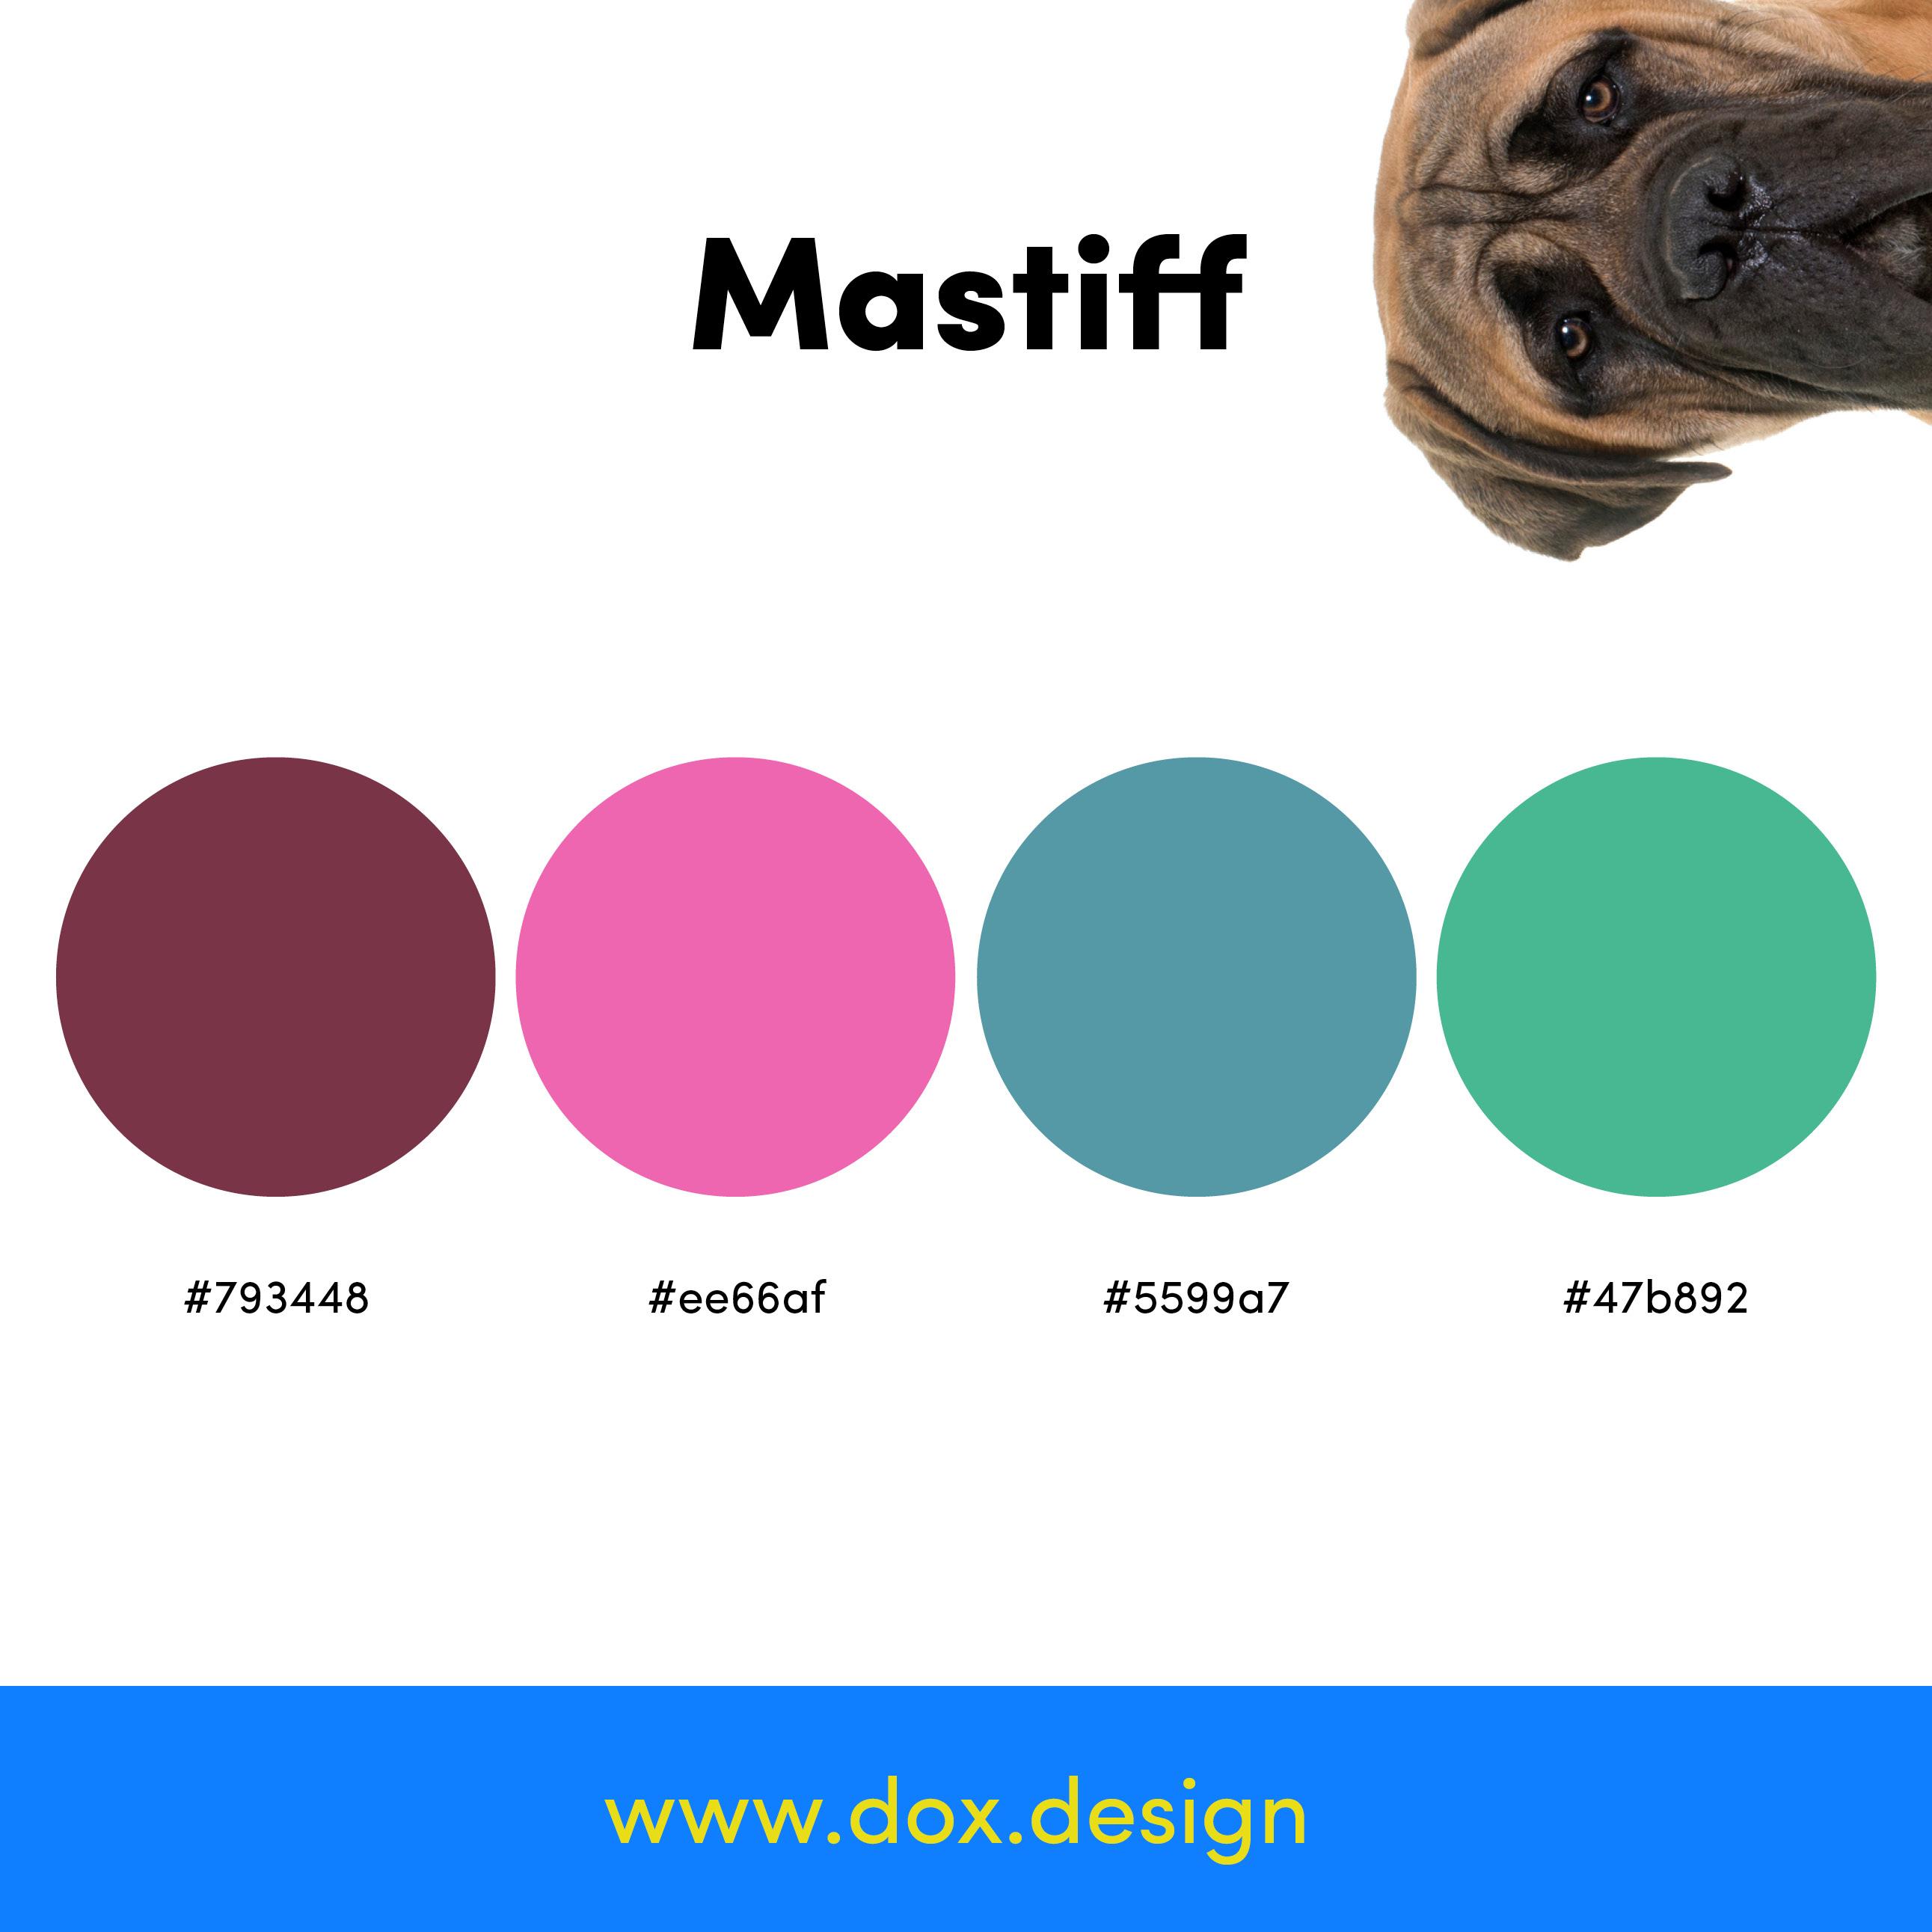 Mastiff color palette